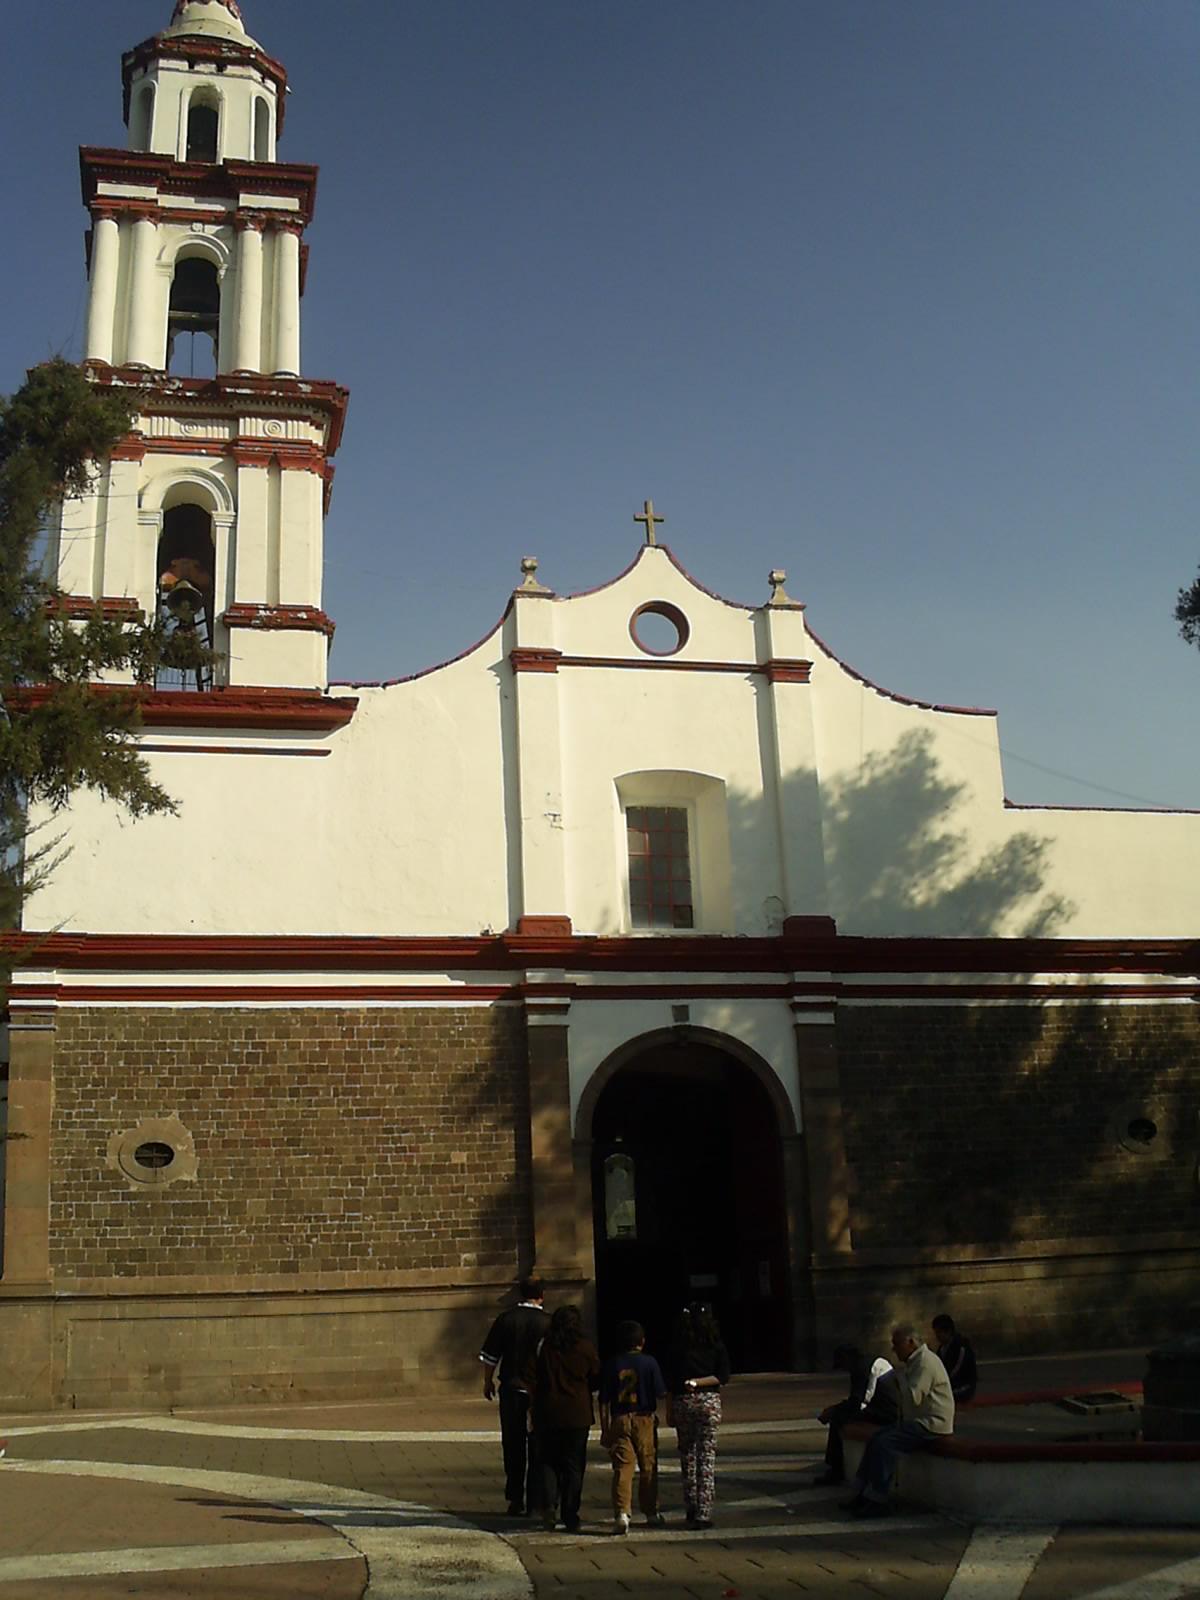 La Casa Es Muy Bonita Y Grande World Mediterranean: Ecatepec De Morelos